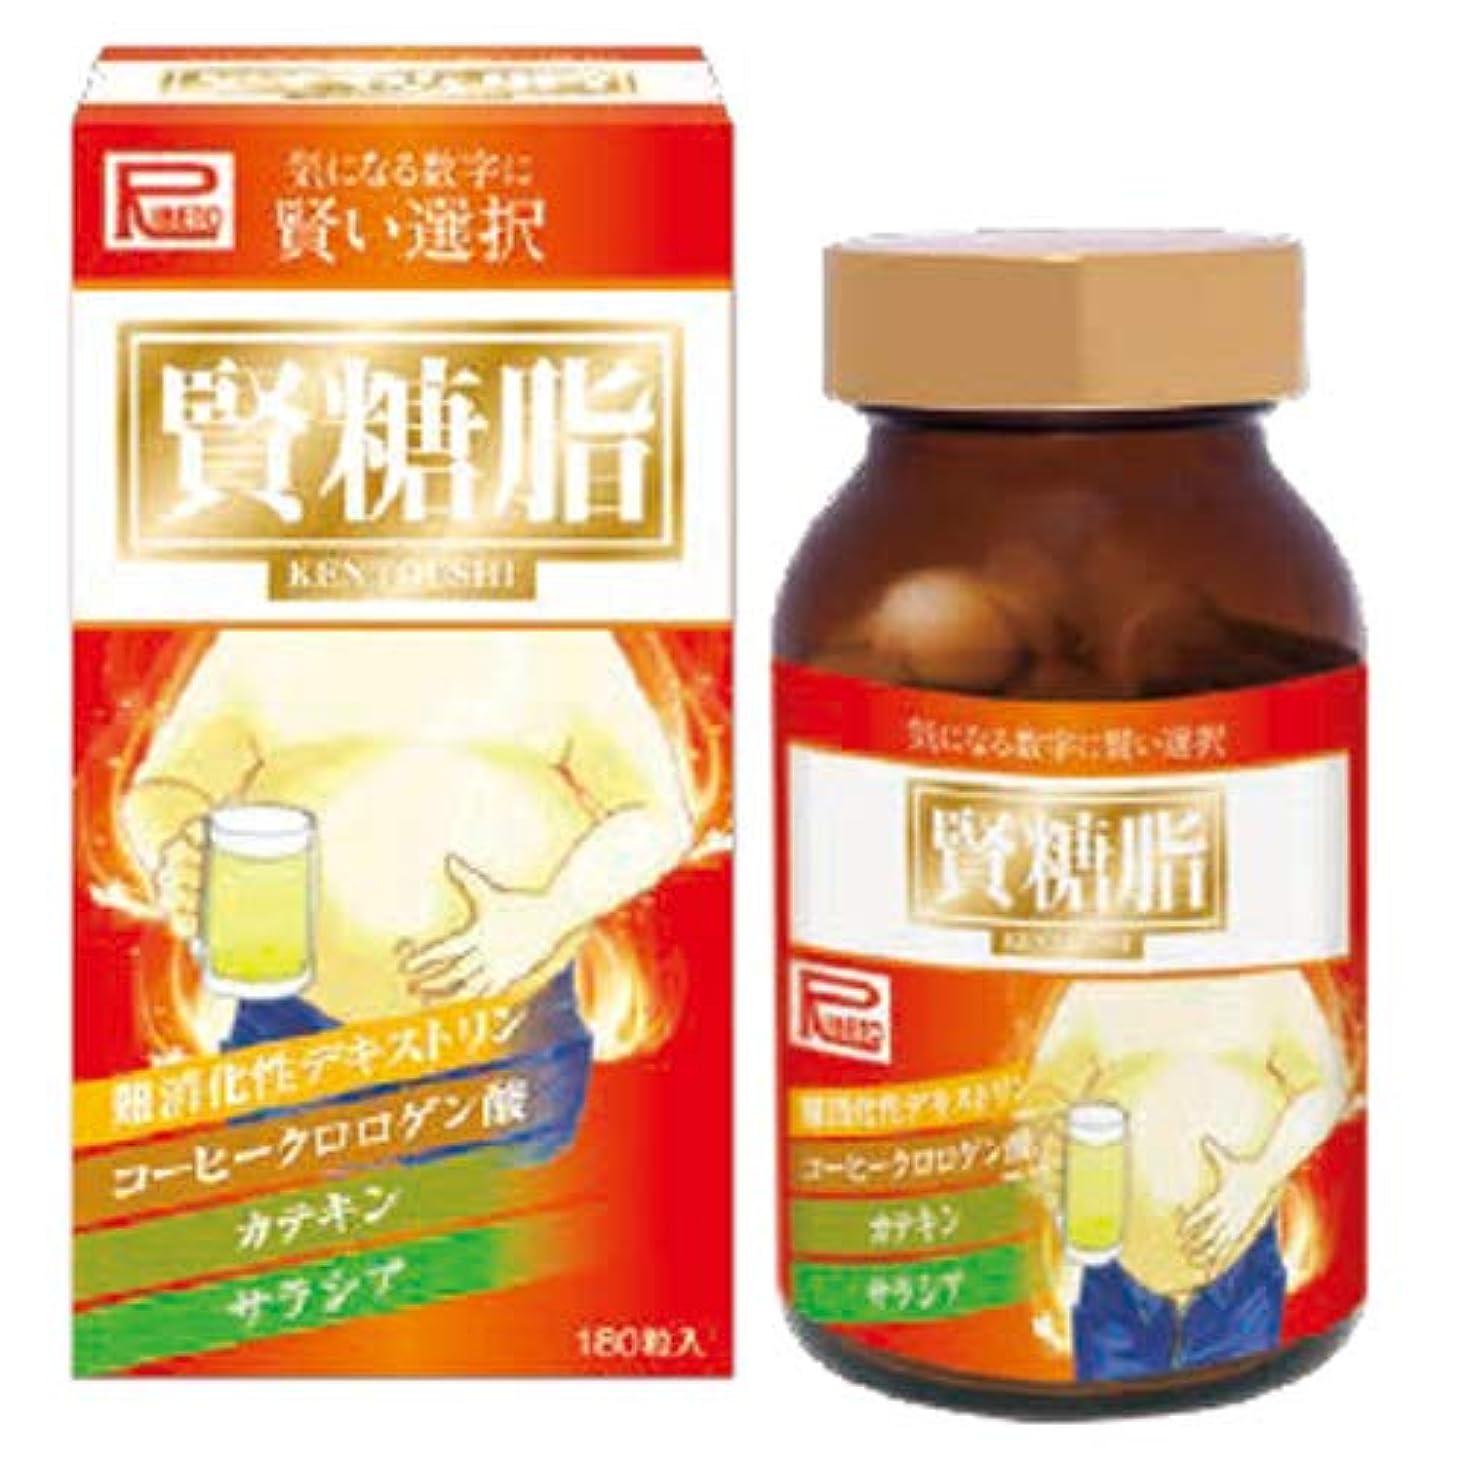 感度パドル熱帯の賢糖脂(ケントウシ)